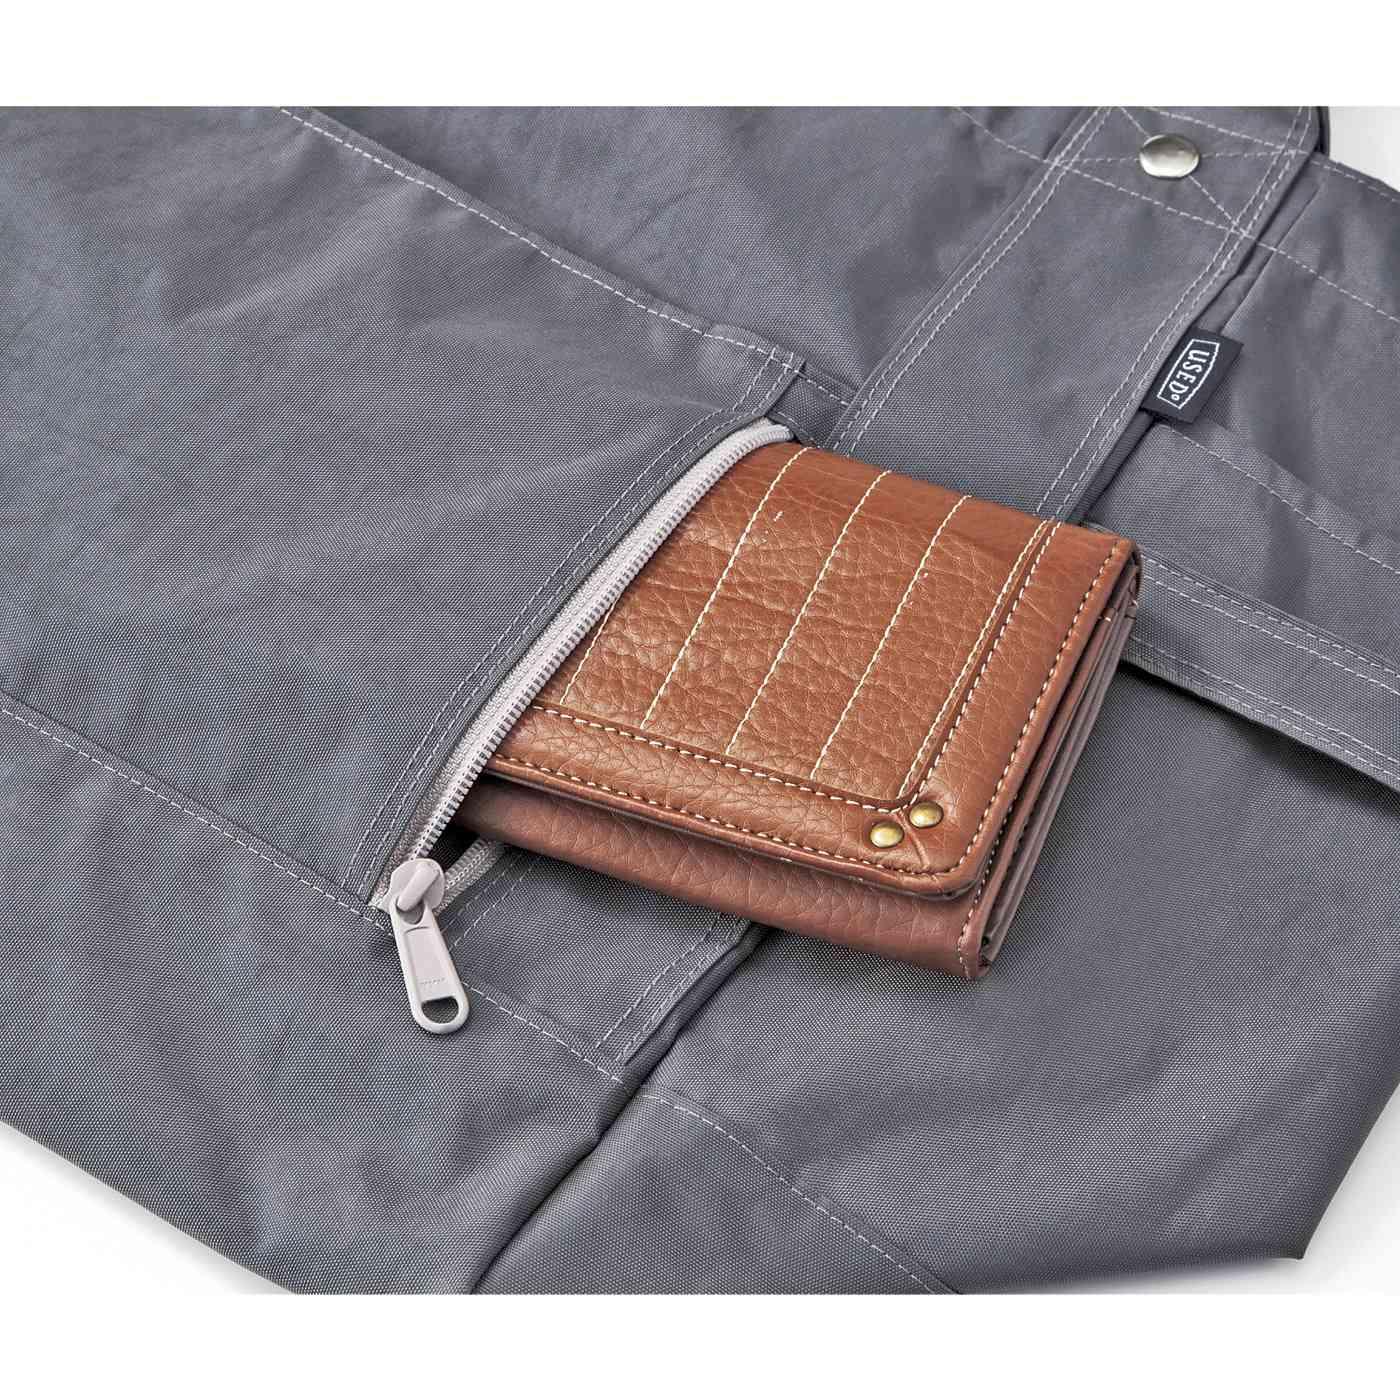 財布などを入れられるファスナーポケット。